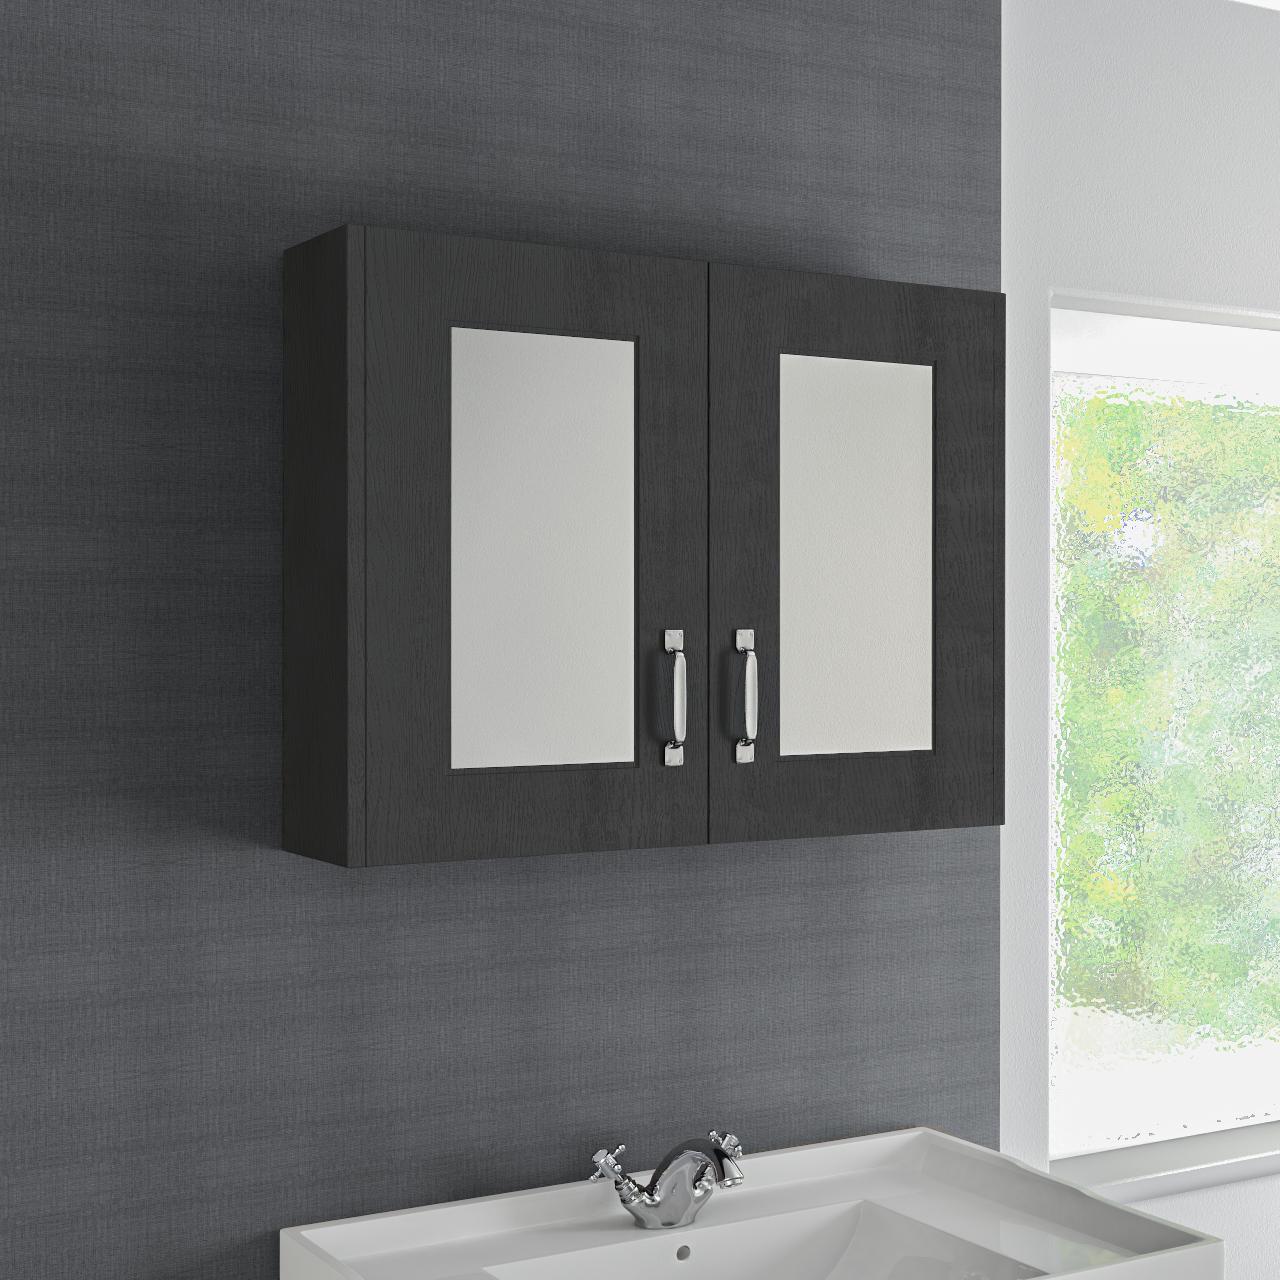 Windsor Traditional Dark Grey 800mm Double Door Mirror Cabinet Mirror Cabinets Mirror Door Traditional Bathroom